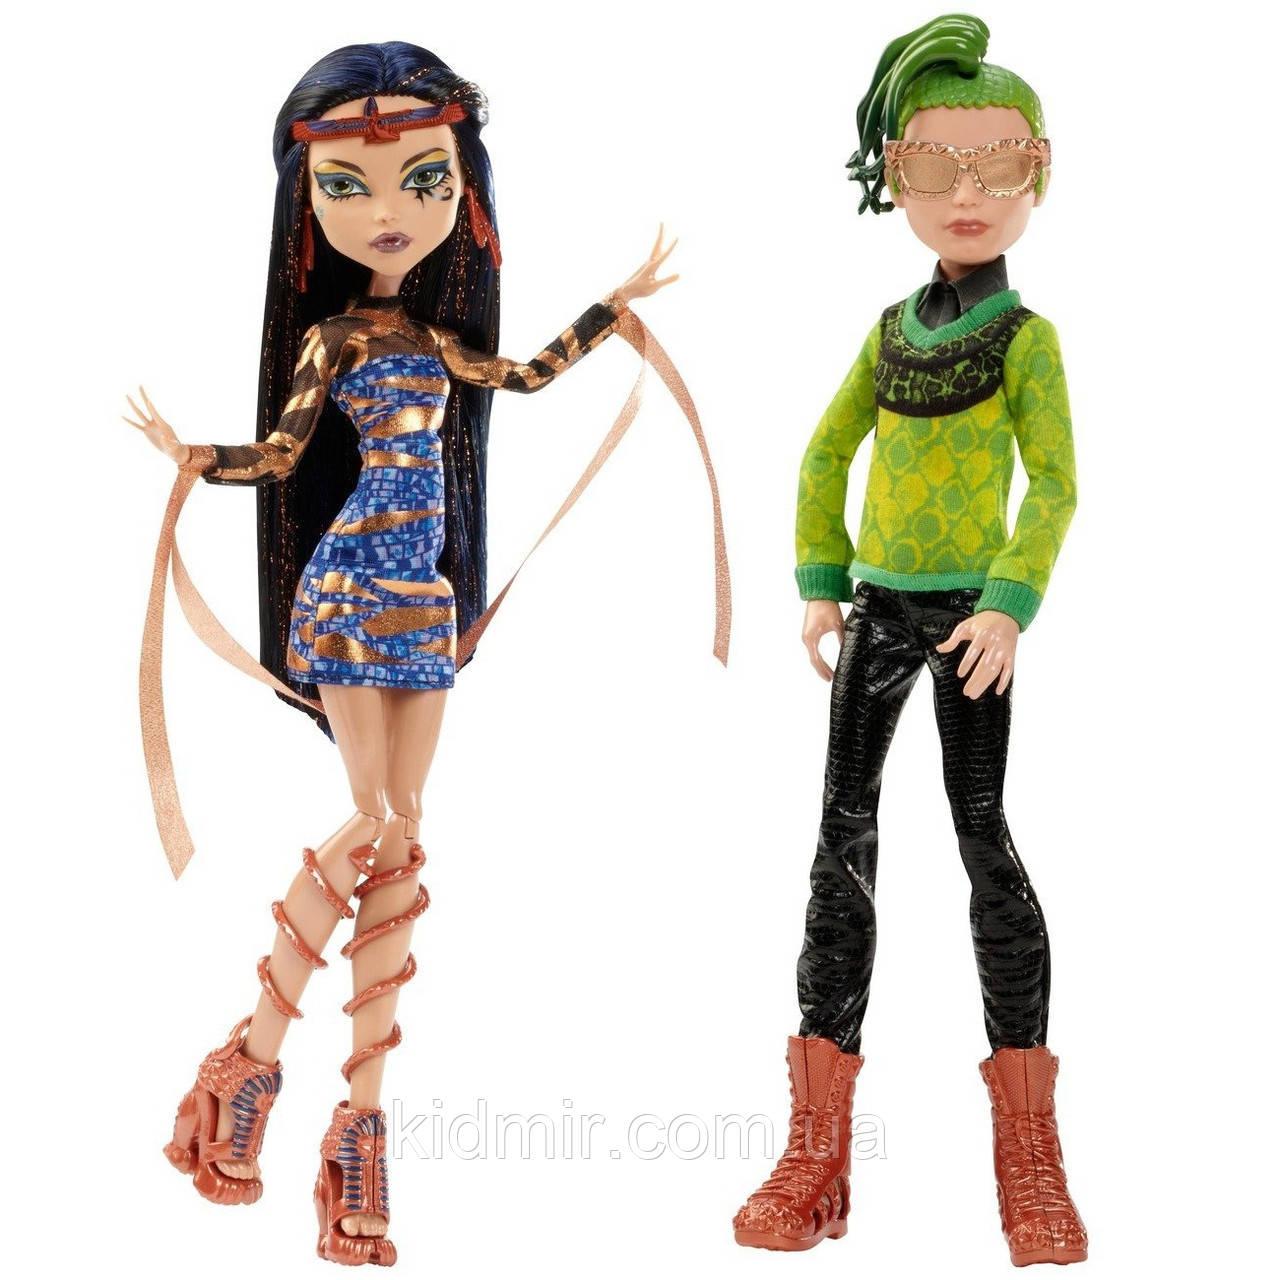 Набір ляльок Monster High Дьюс і Клео (Deuce & Cleo) з серії Boo York Монстр Хай